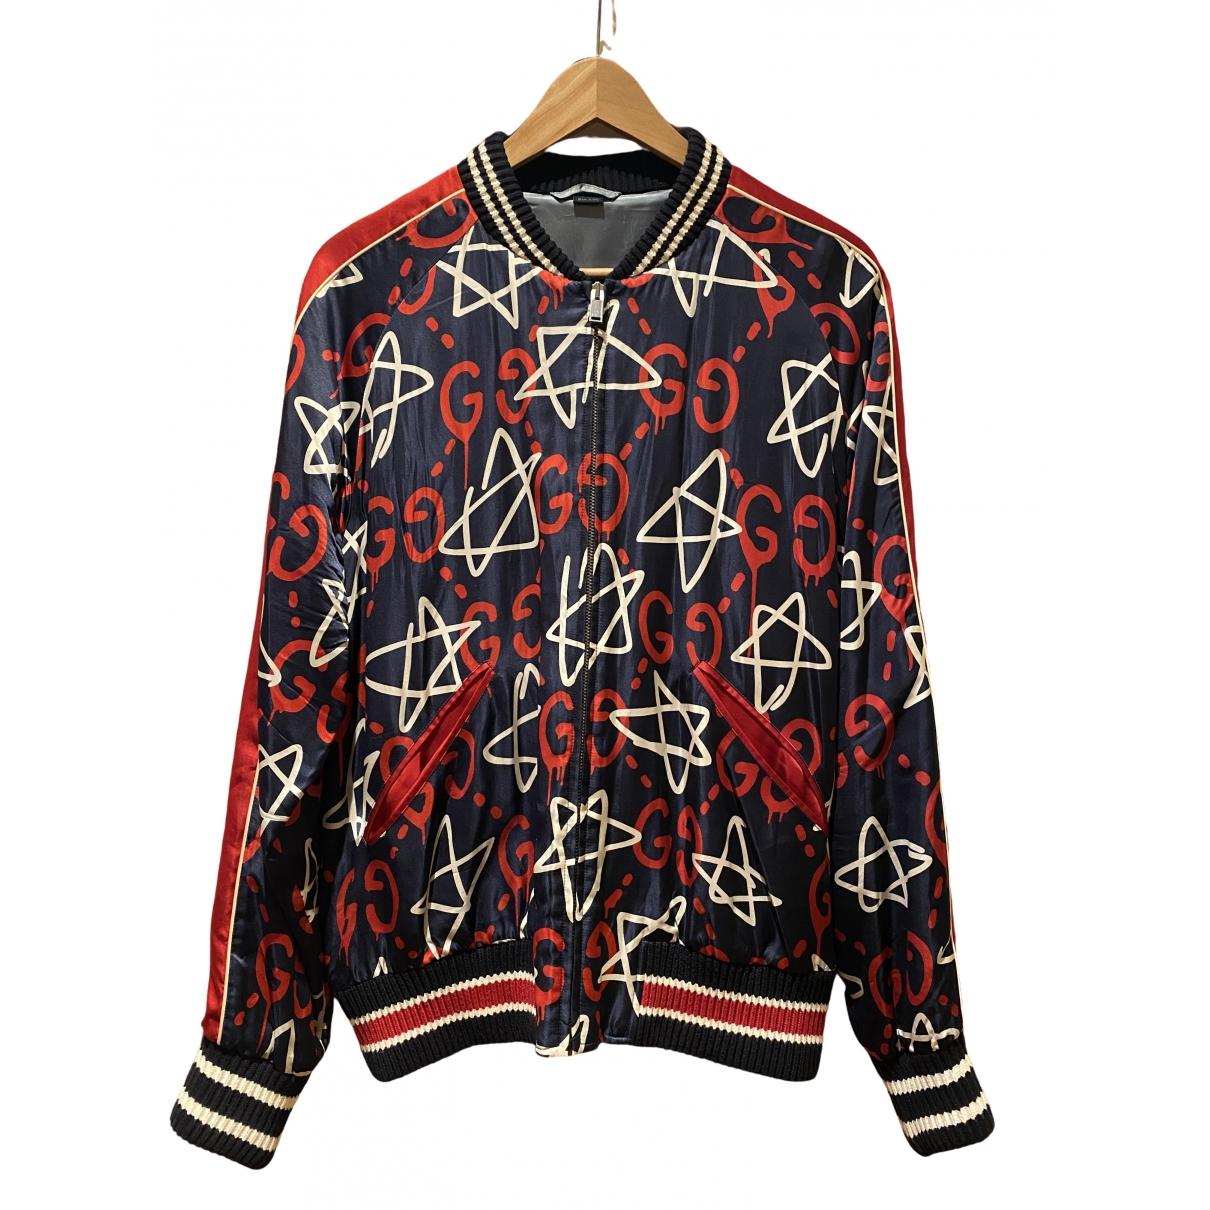 Gucci - Vestes.Blousons   pour homme en soie - multicolore